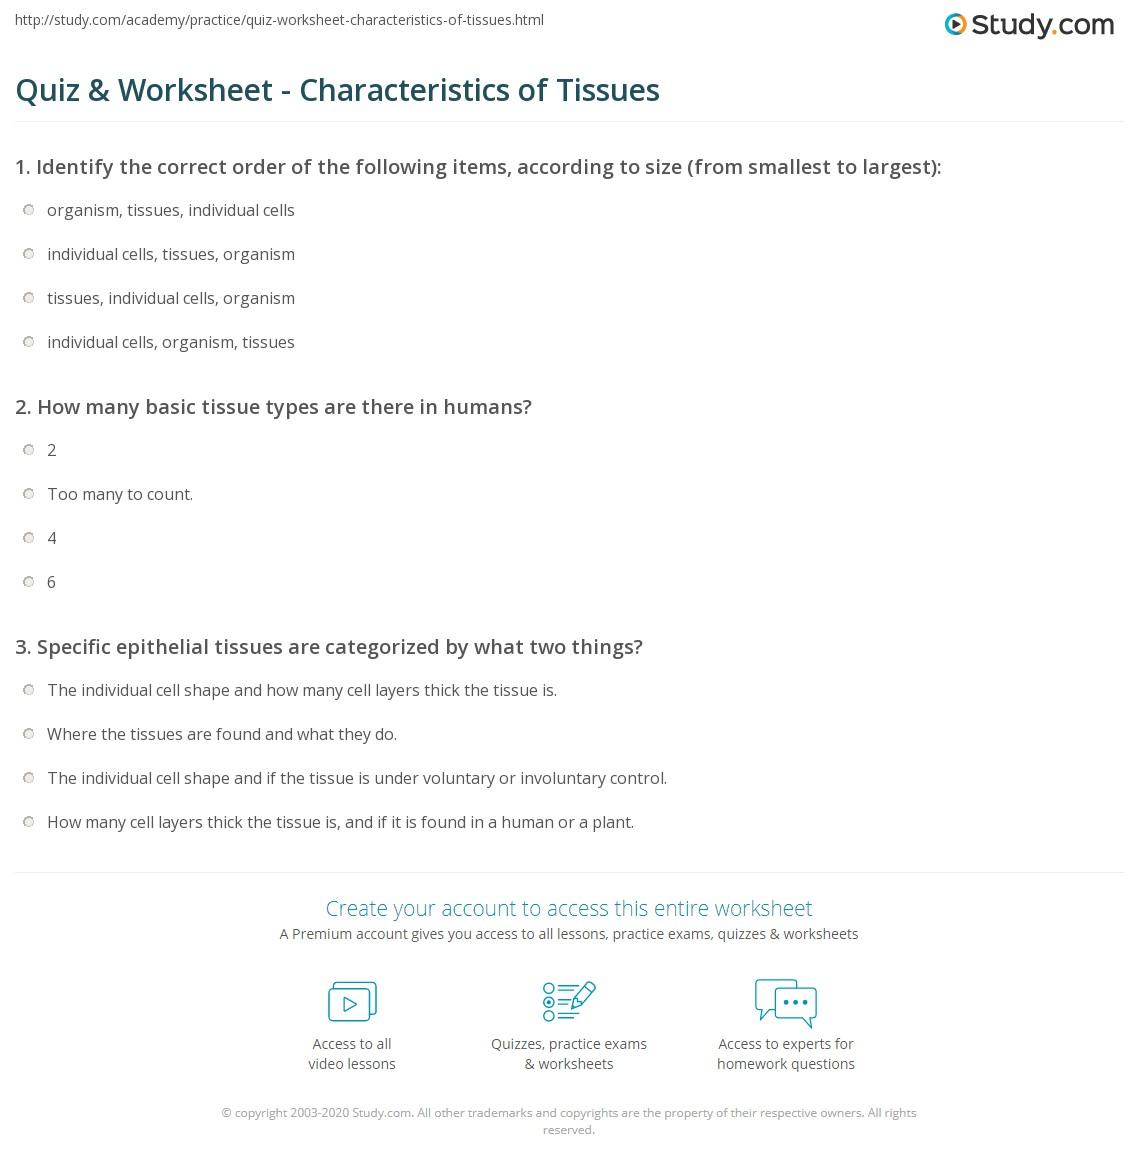 Quiz & Worksheet - Characteristics of Tissues | Study.com